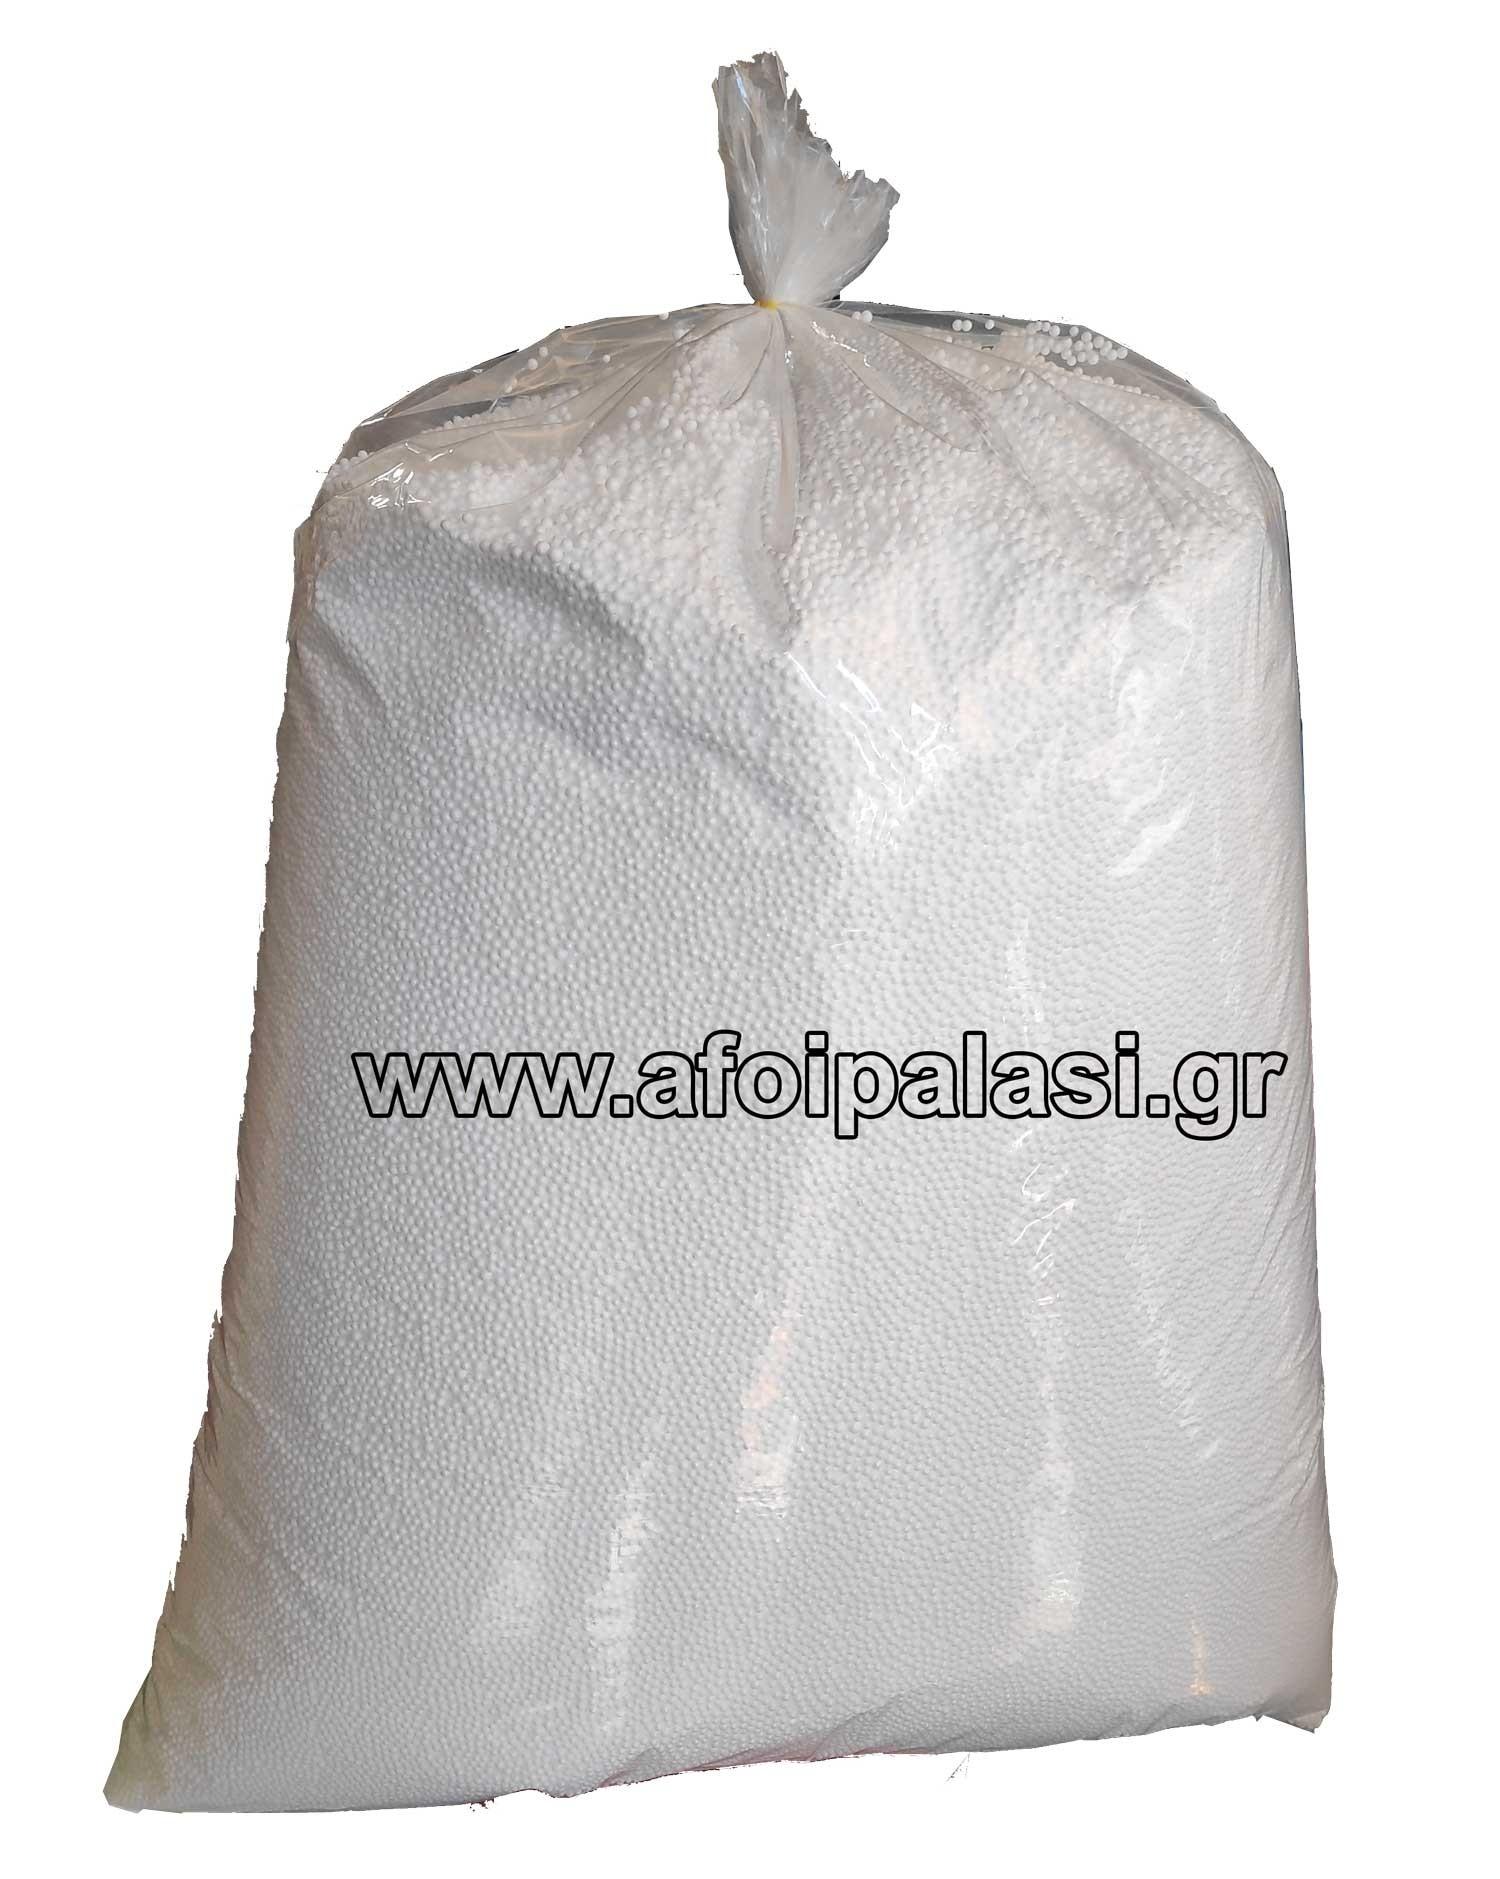 Μπαλάκι φελιζόλ γέμιση για έπιπλα πουφ ~5-6Kg ~ 0,5 κυβικά